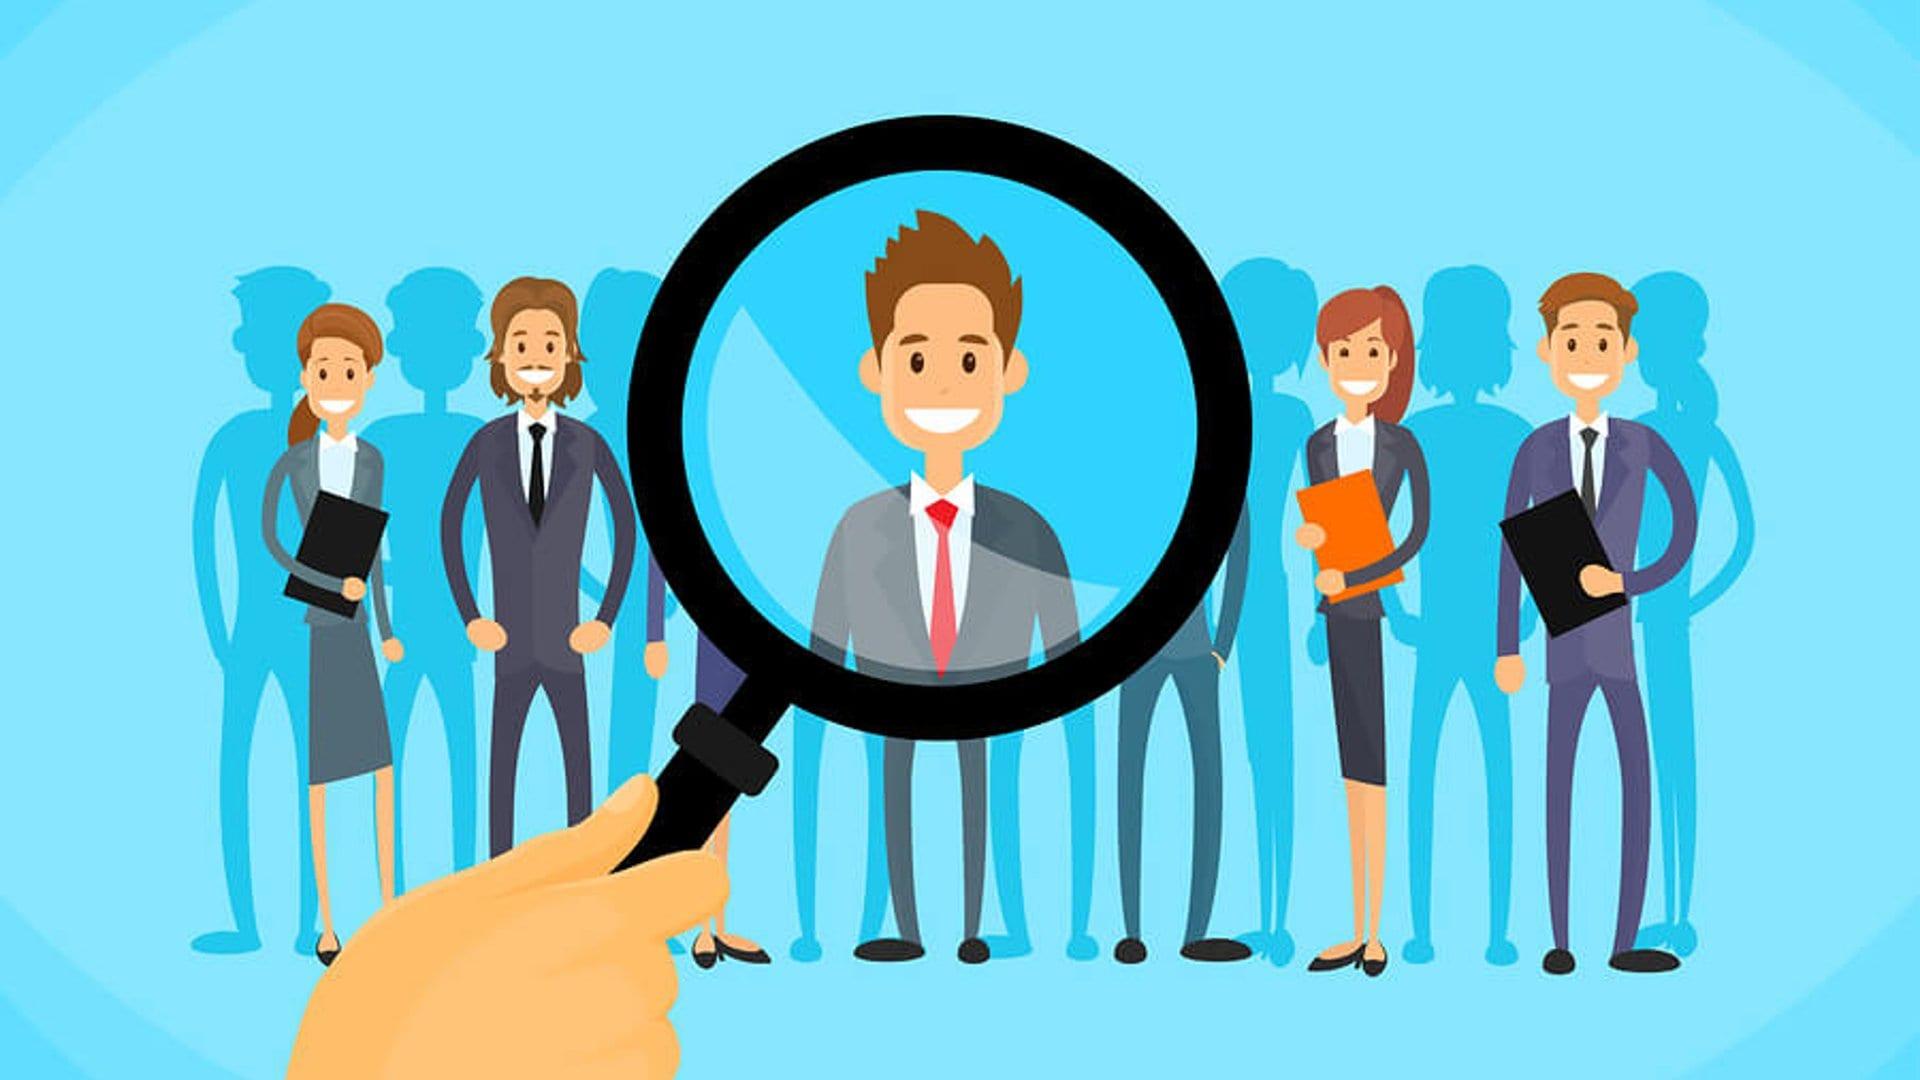 O emprego e as expectativas para o futuro